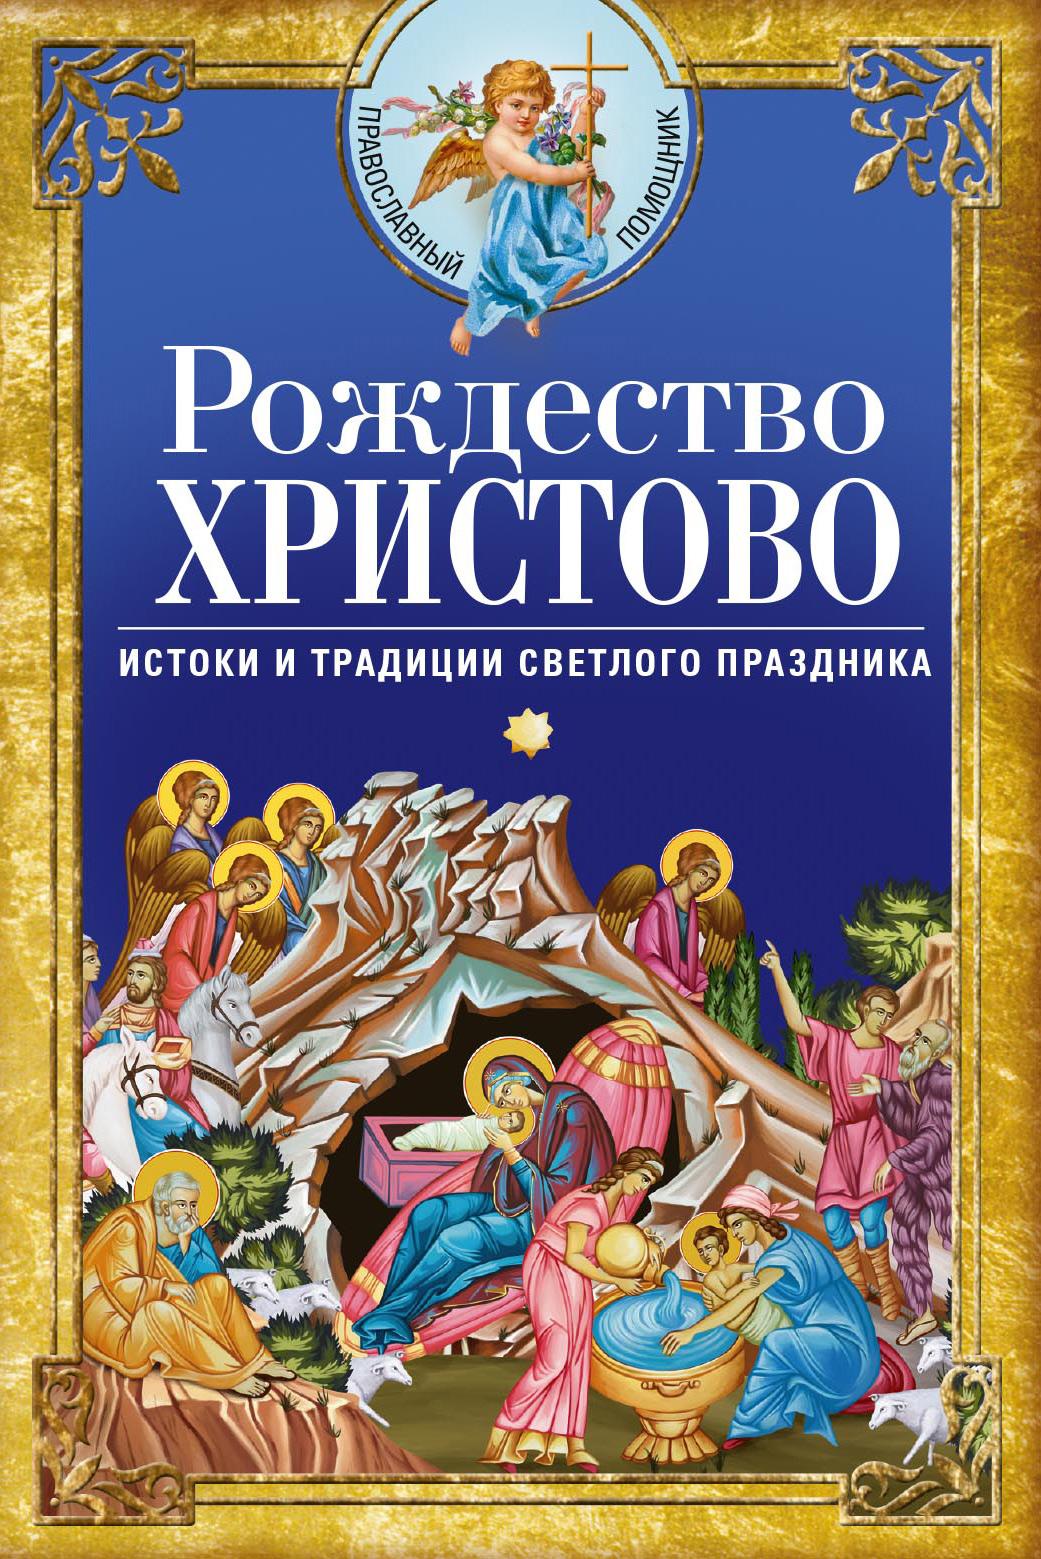 rozhdestvo khristovo istoki i traditsii svetlogo prazdnika